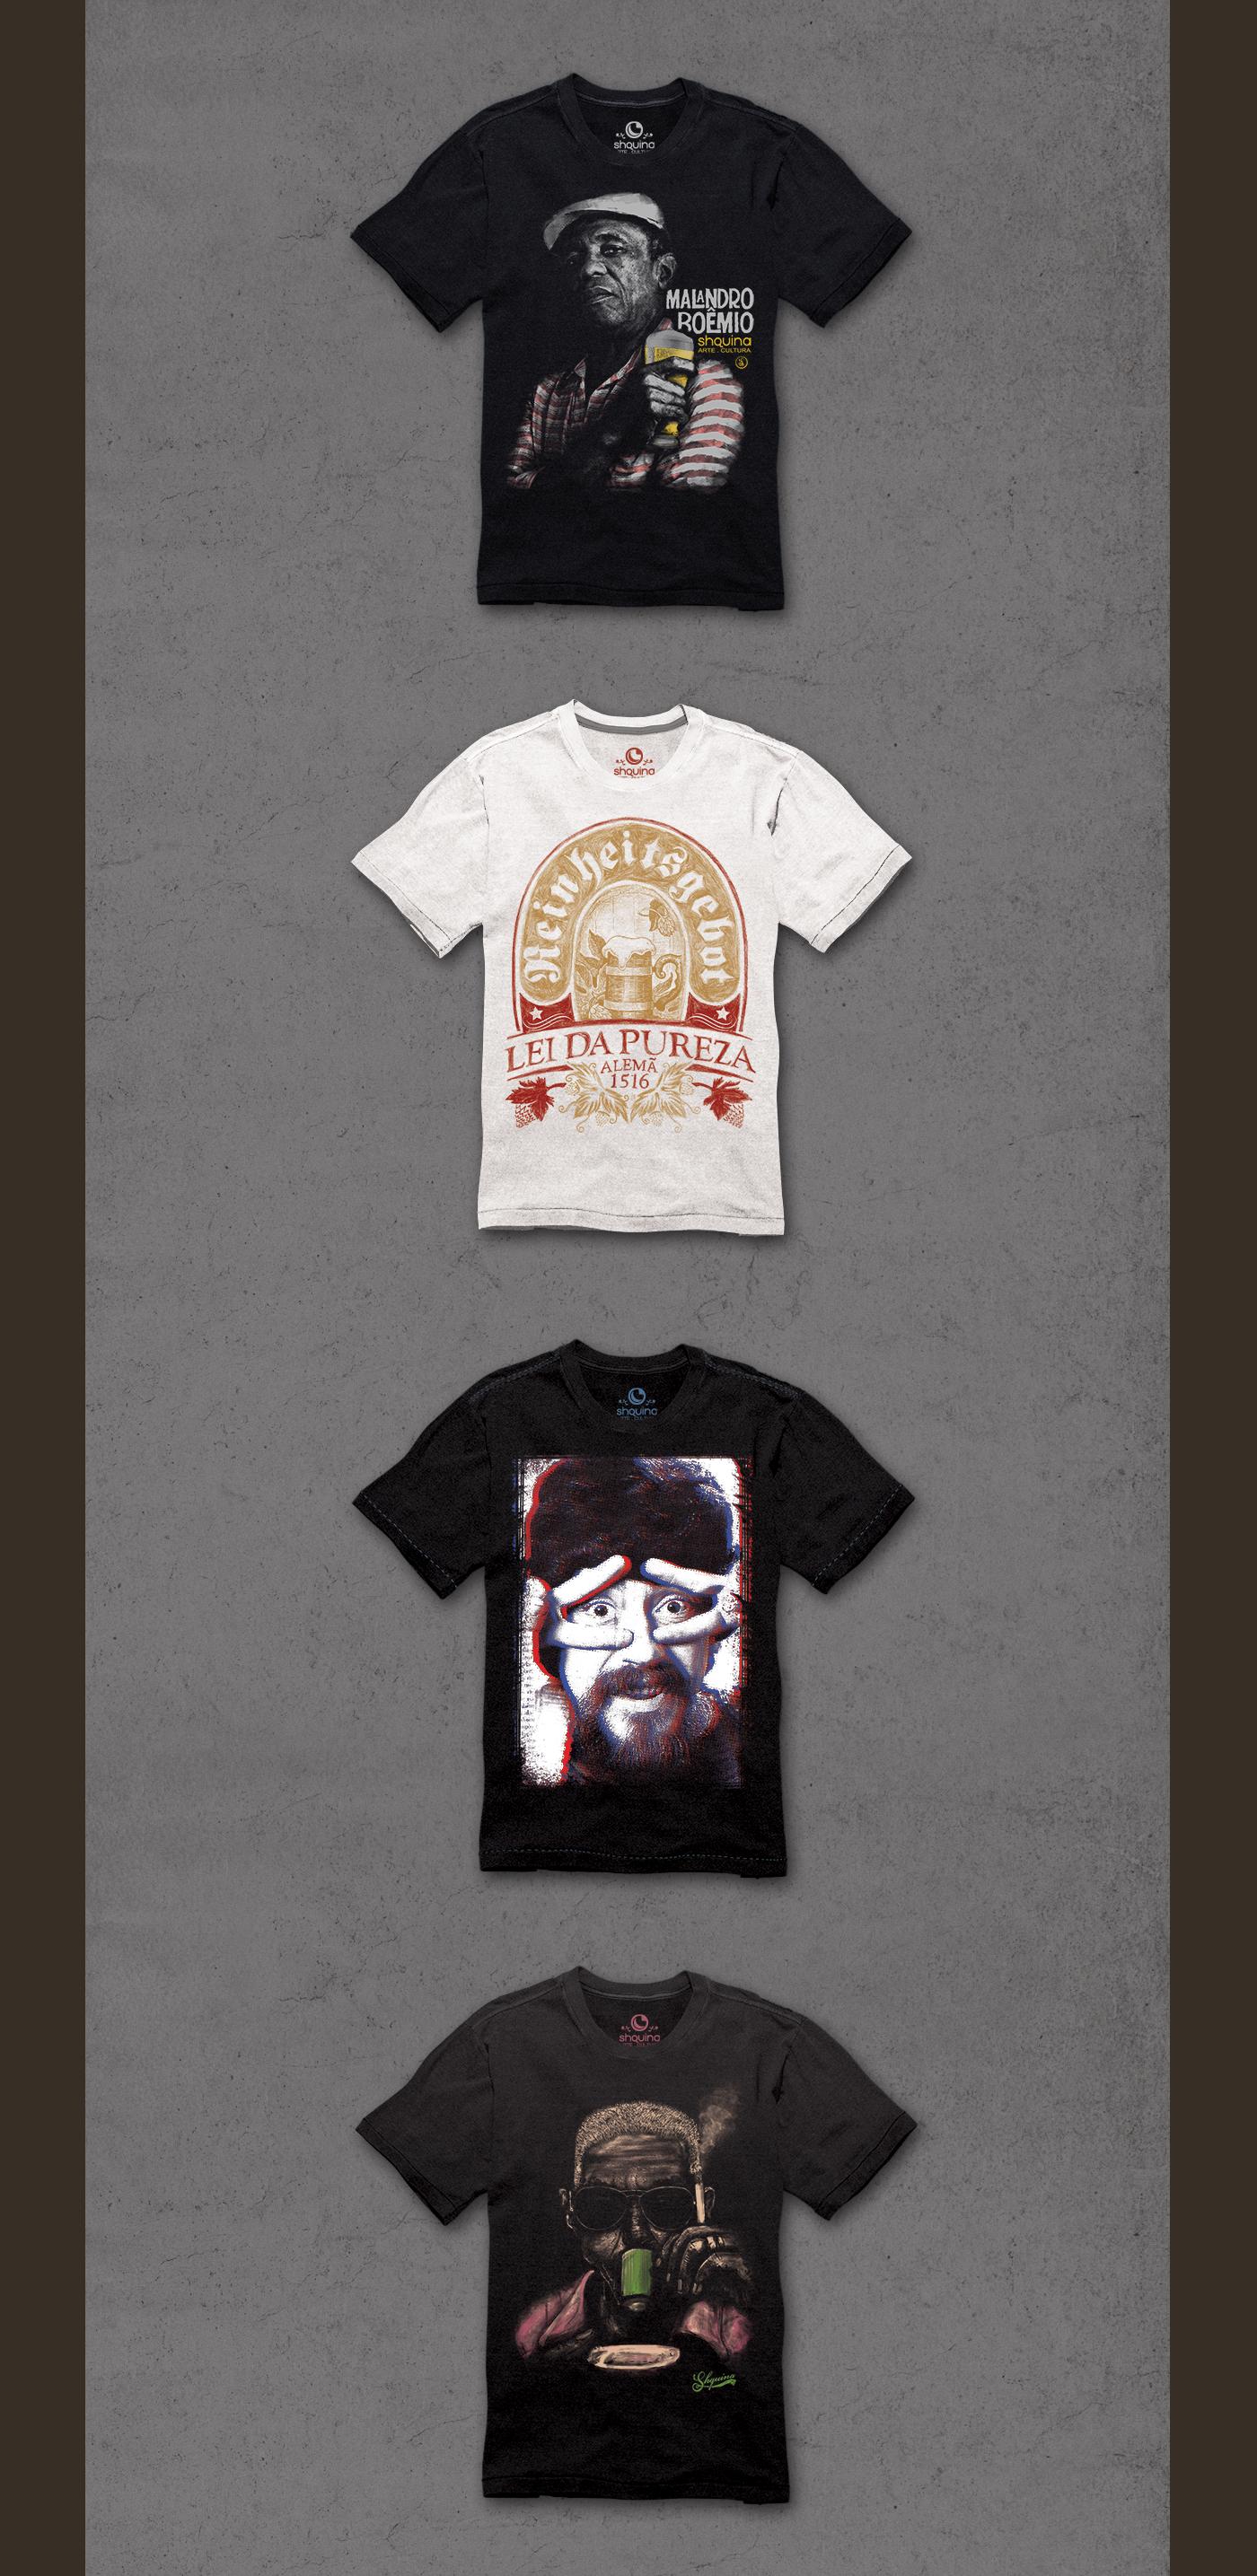 T Shirt Estampa Ilustração Samba Rio de Janeiro design gráfico moda carioca